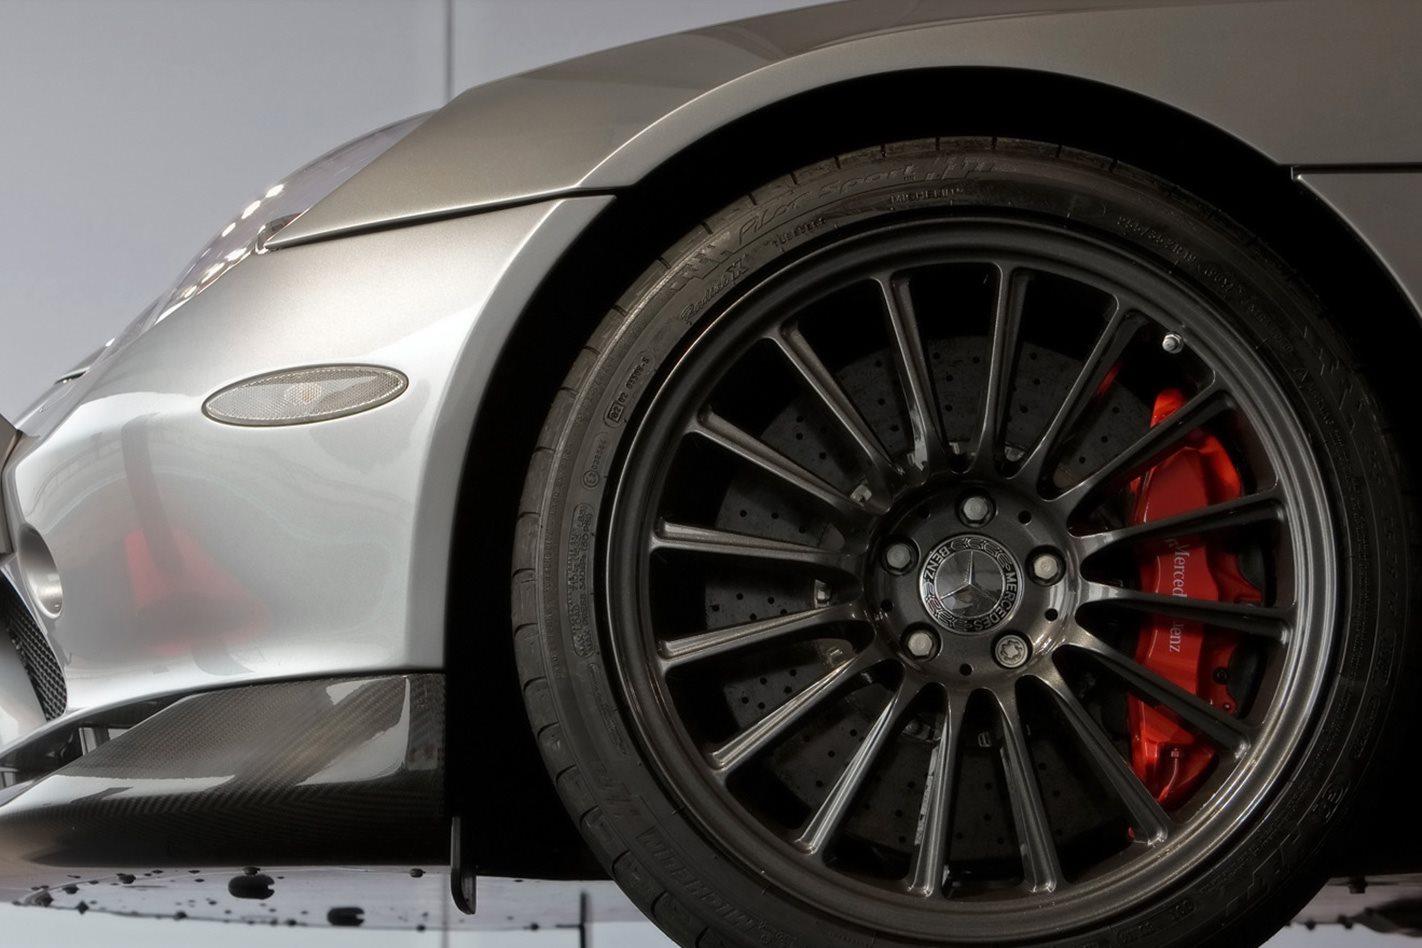 Mercedes McLaren SLR 722 S Roadster wheel